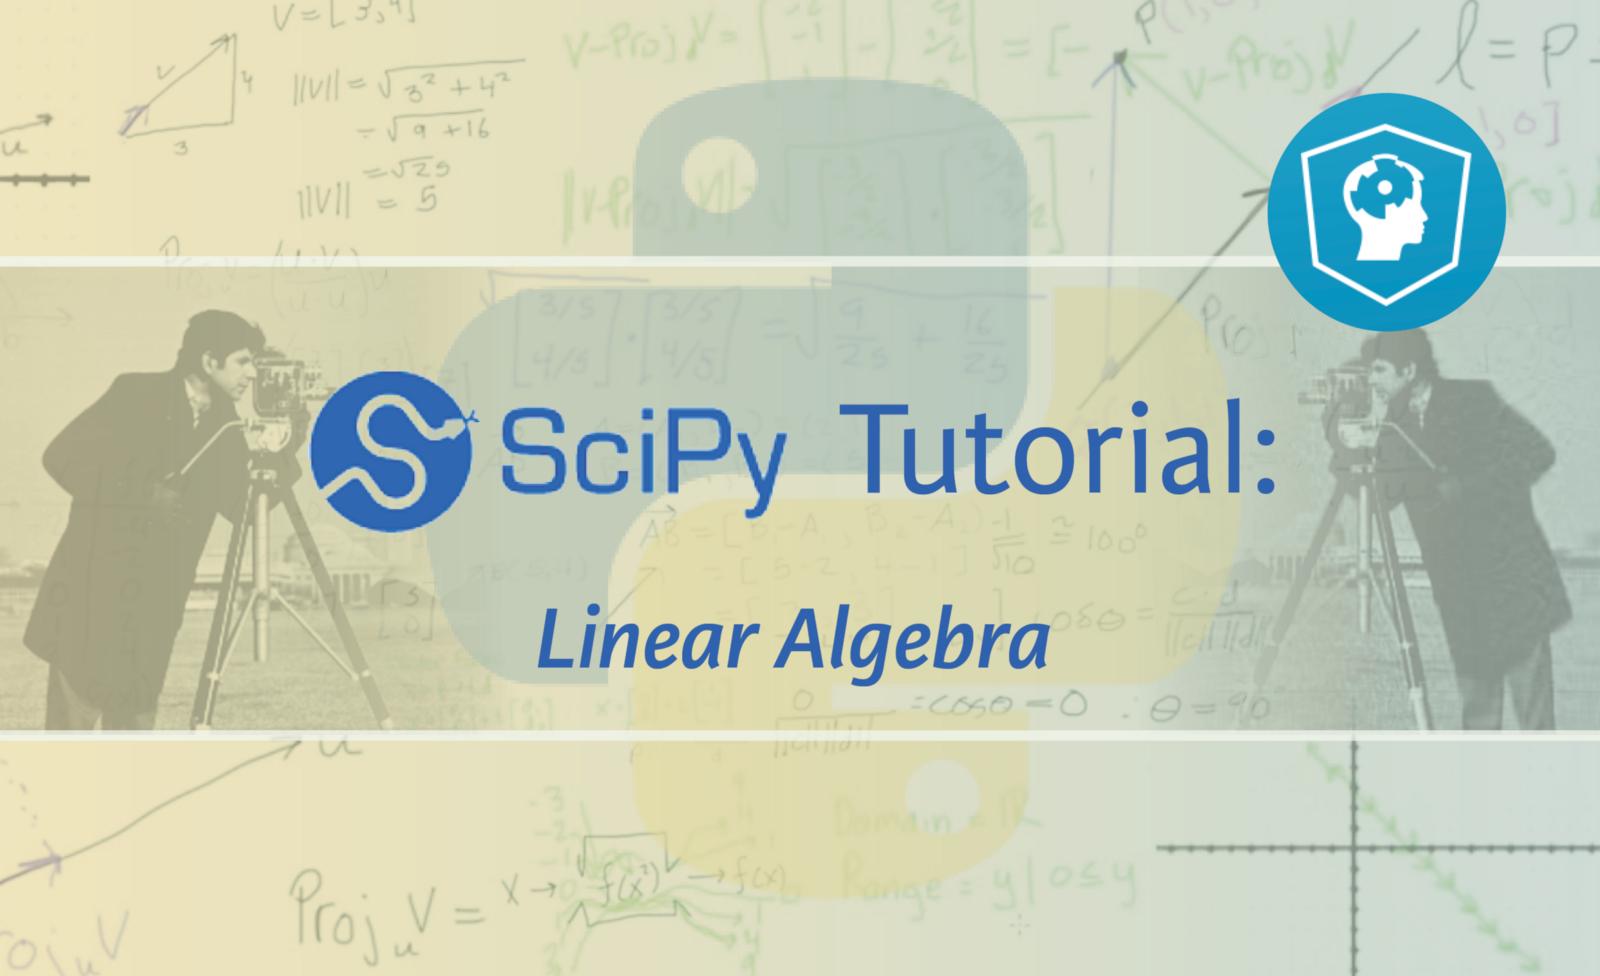 SciPy Tutorial: Linear Algebra - By